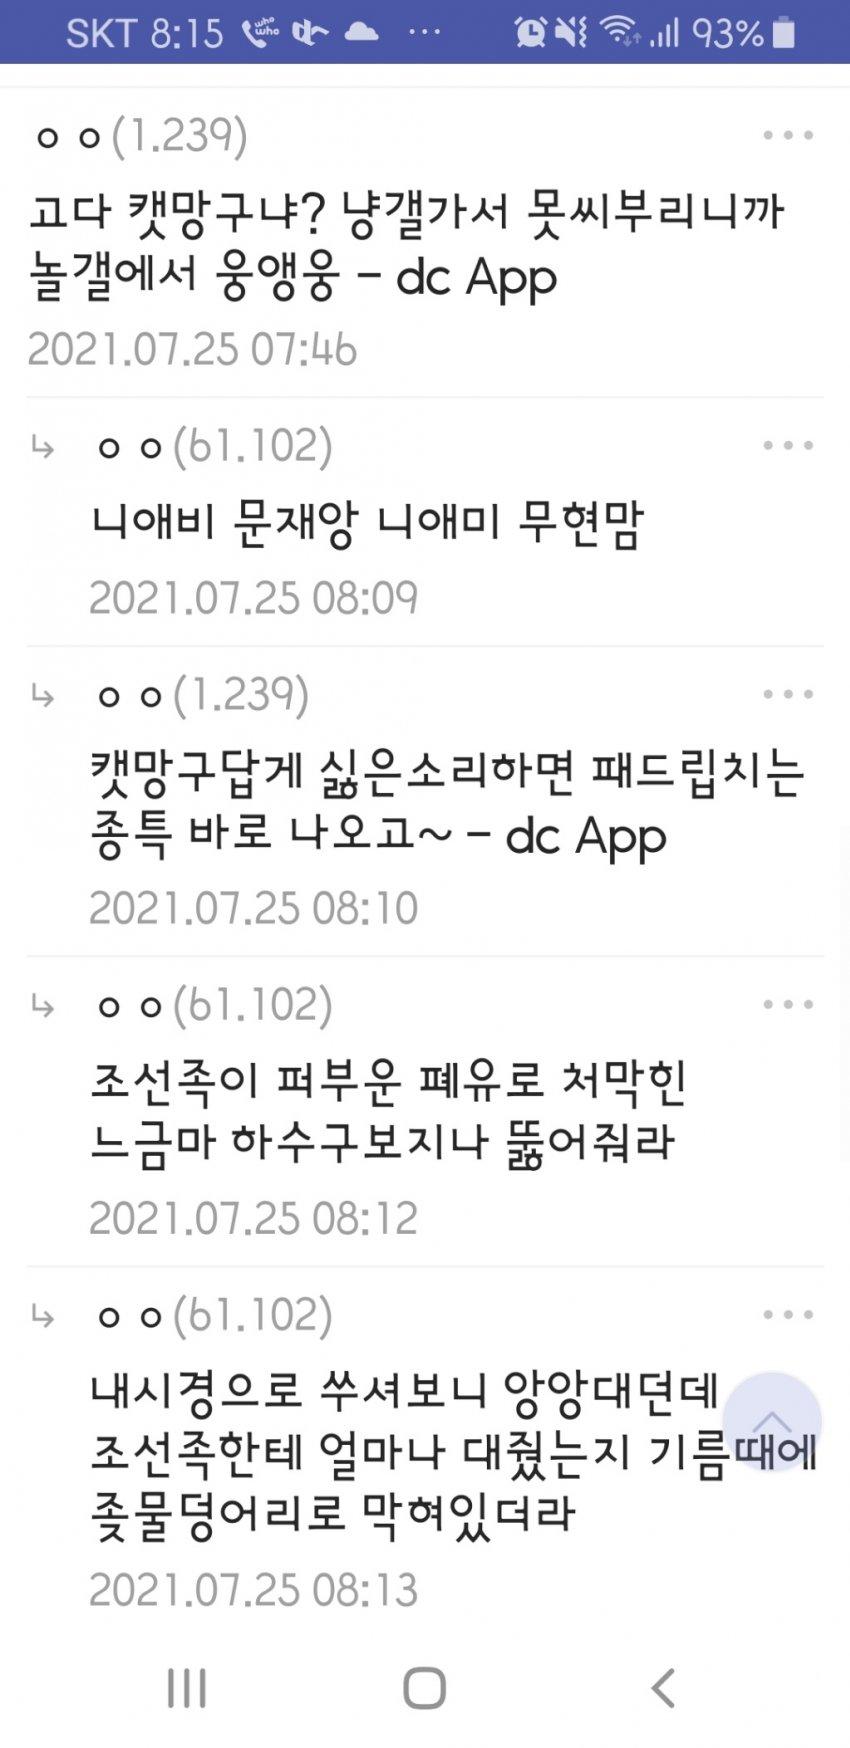 viewimage.php?id=2ebcc4&no=24b0d769e1d32ca73feb86fa11d02831b7cca0f2855e21730c724febbe0b6d5021e03883289bdc2f932df17bb1dab85e532fa1800e009c009fb79d1b87f776322a60fa8b15b5412f9a3694f3a253419f5b1f012dd12d1f5b27fbea037cba7f433f392d9b